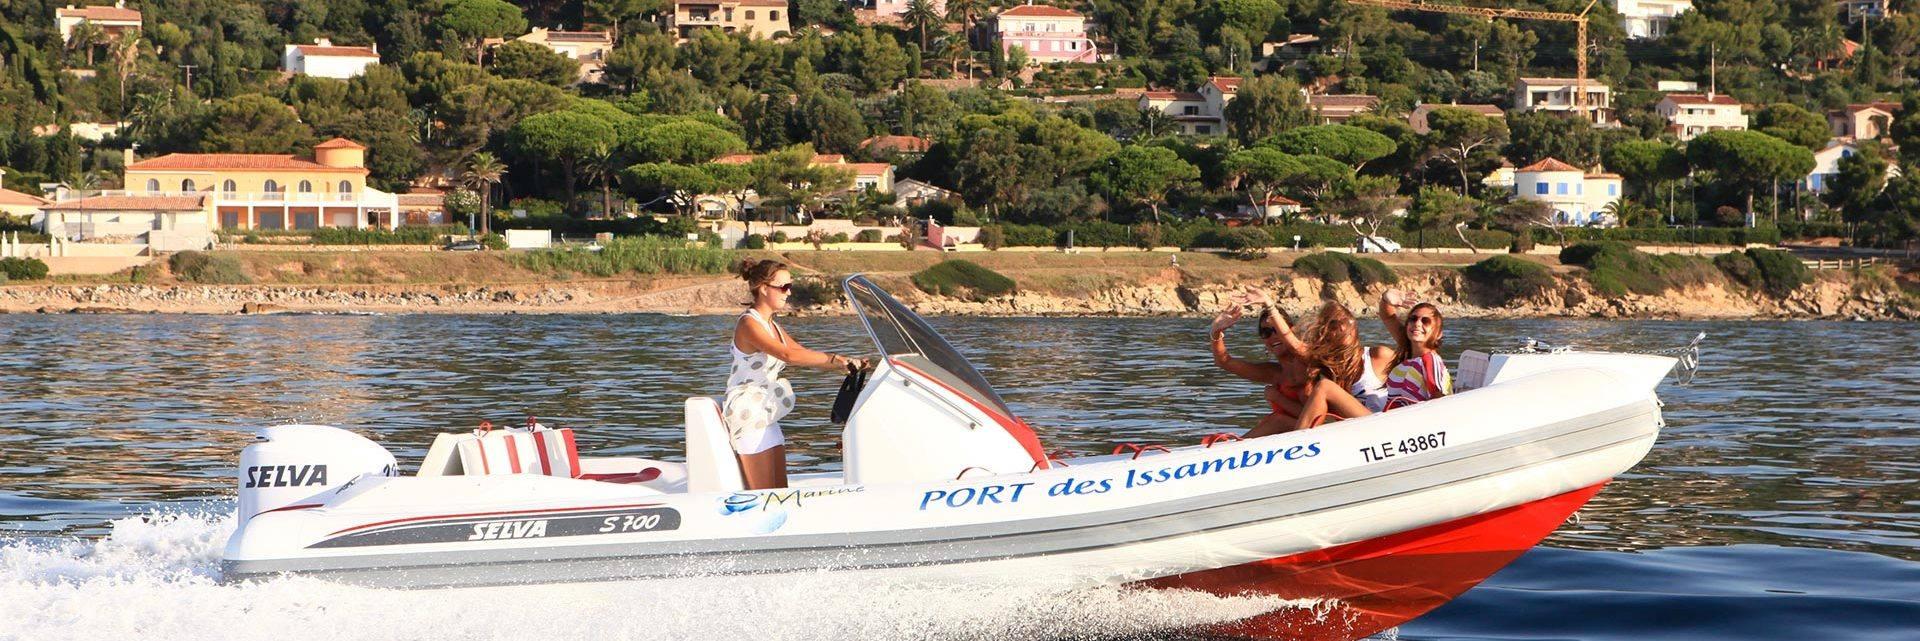 Voile aux Issambres - Roquebrune sur Argens